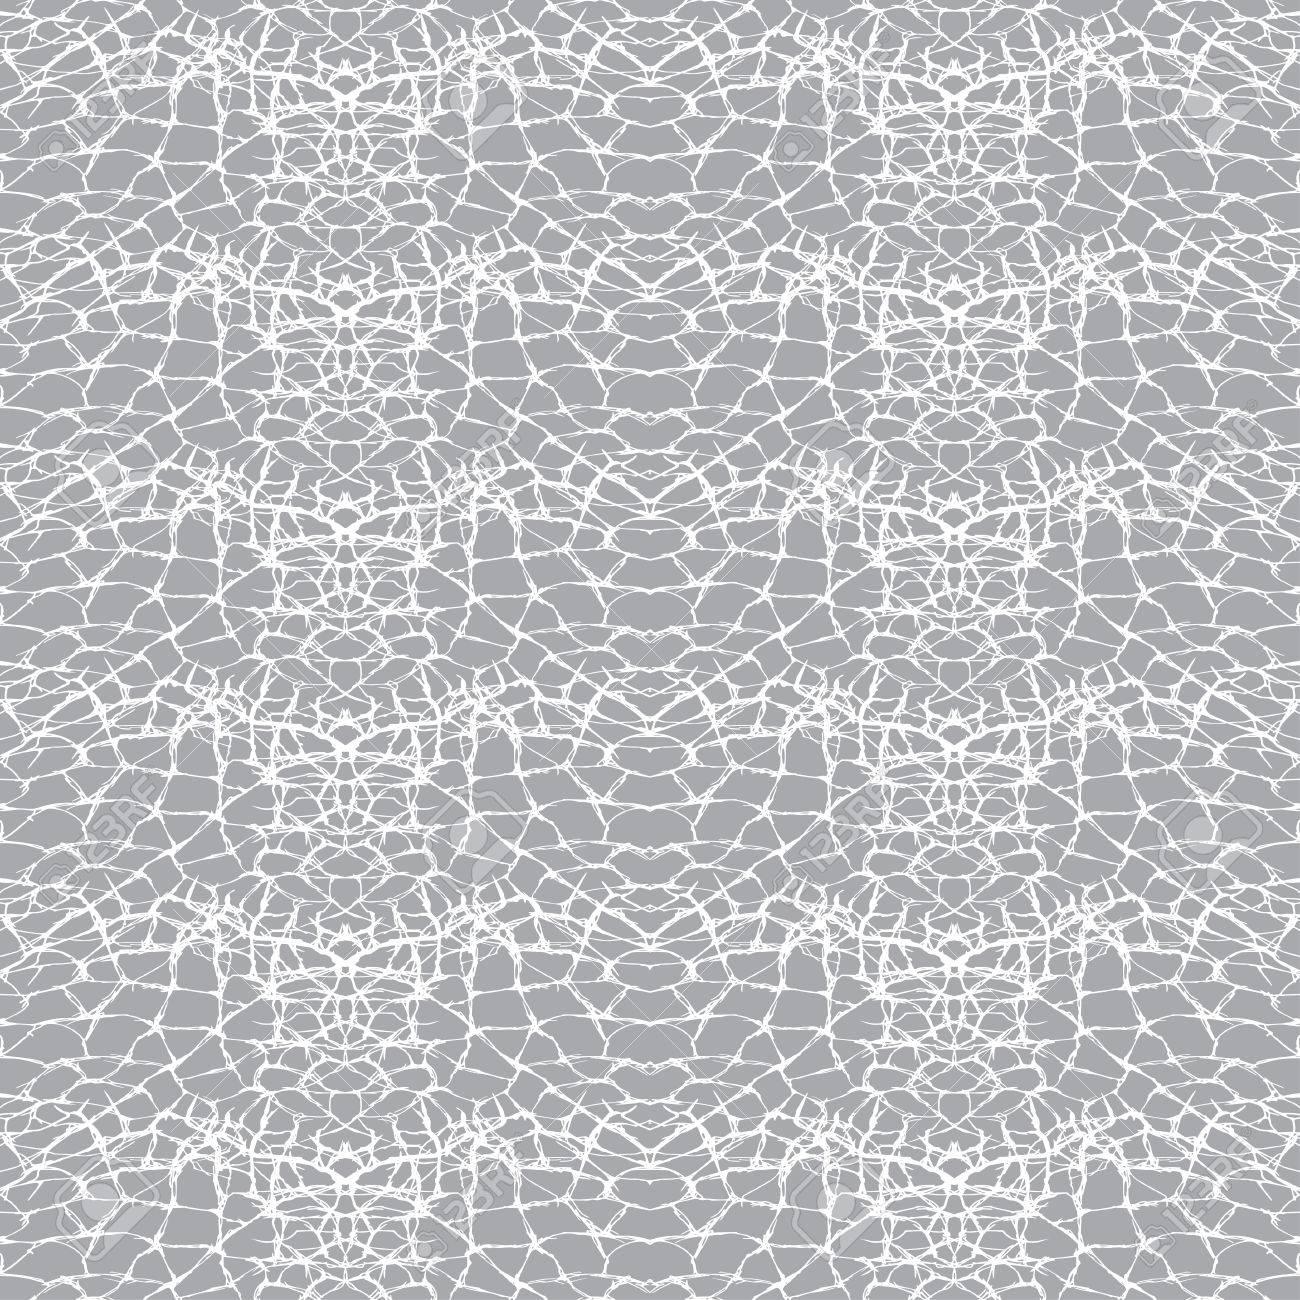 Sin Patrón, Fondo Geométrico Abstracto, Textura Agrietada. Dibujado ...